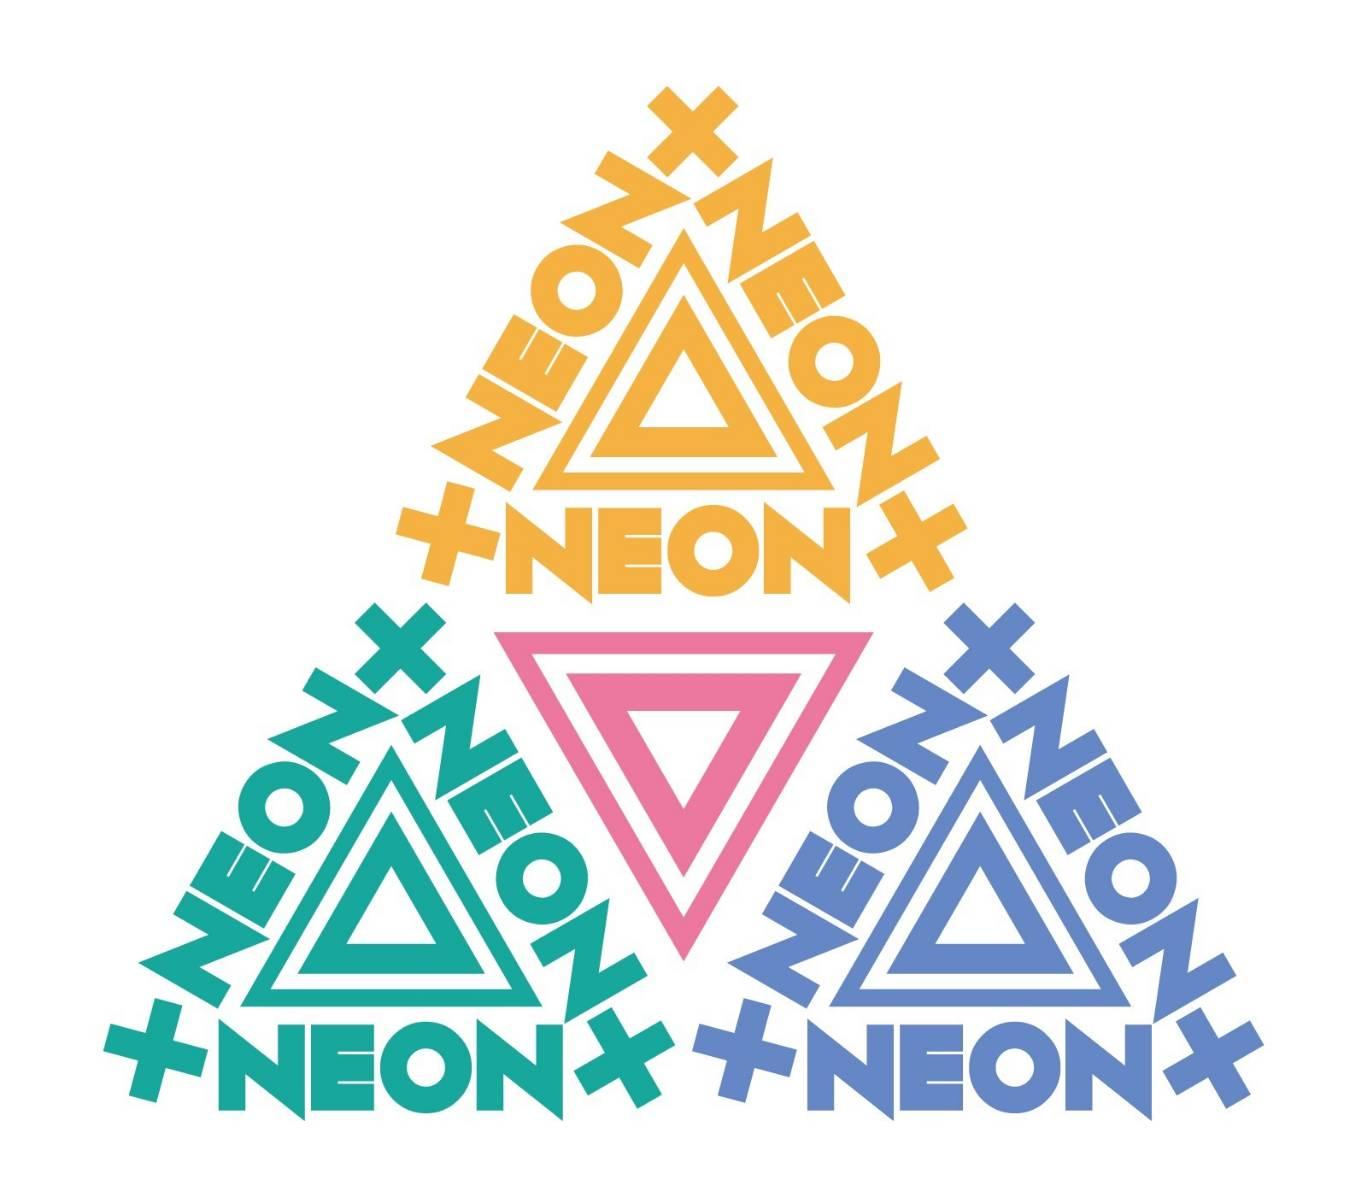 2019年5月20日(月) 『NEON×NEON×NEON』